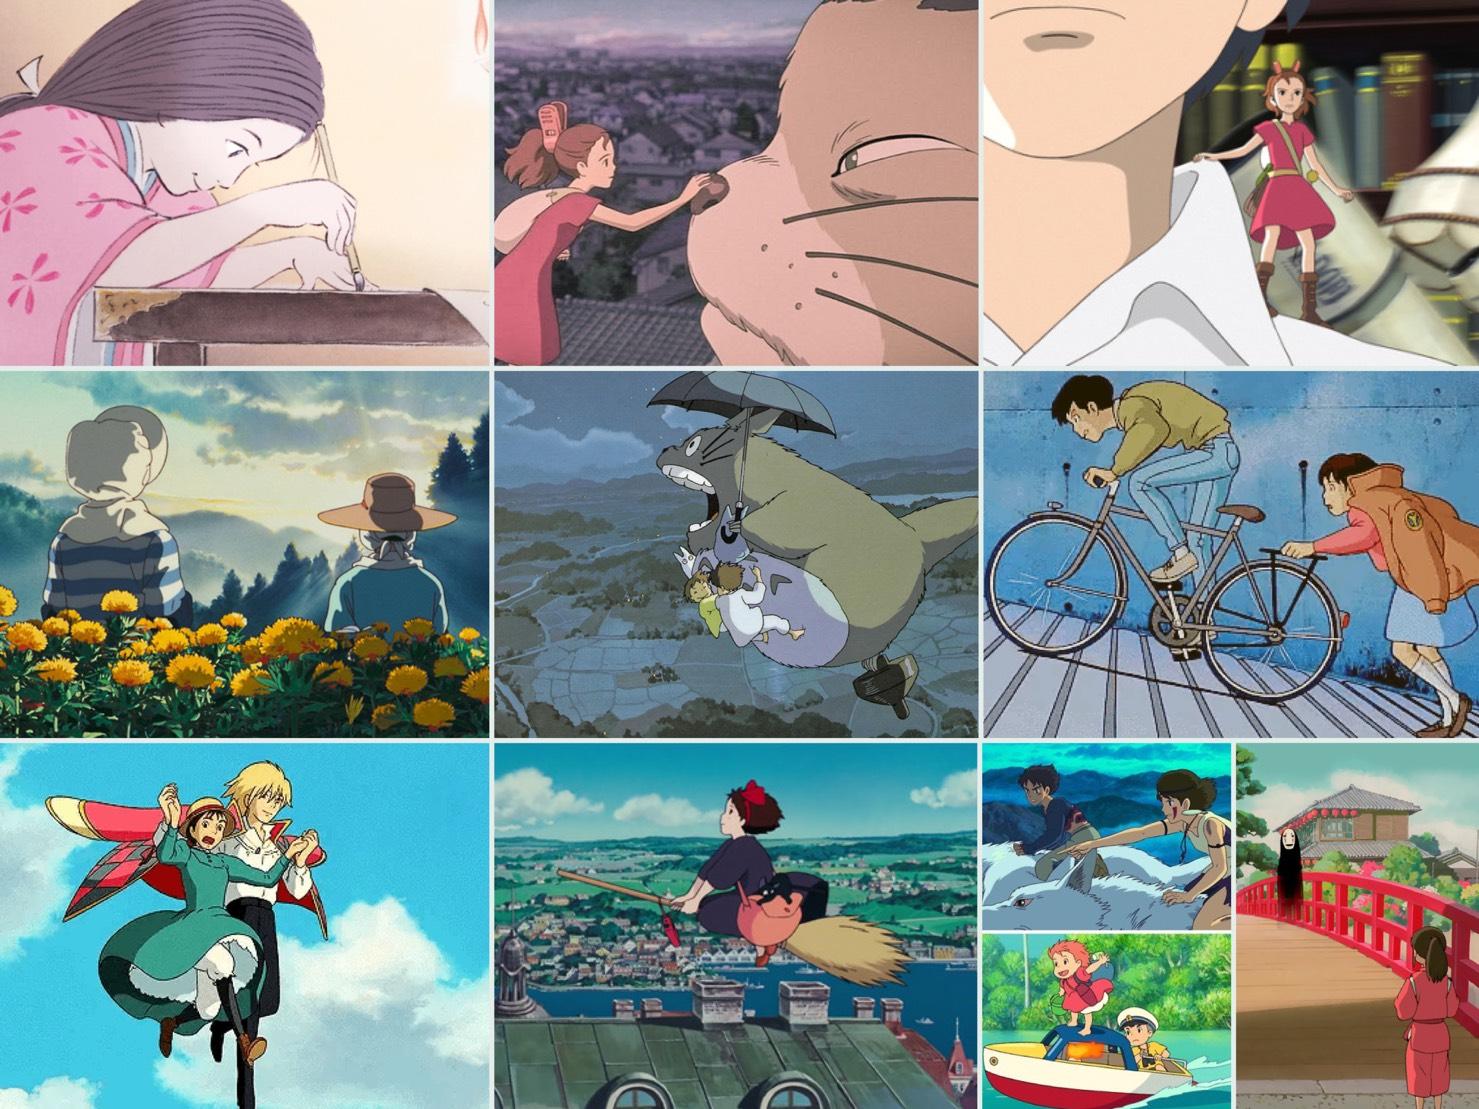 ชวนดู! 11 อนิเมะเรื่องโปรดจาก Studio Ghibli – NONONYAKKEAN